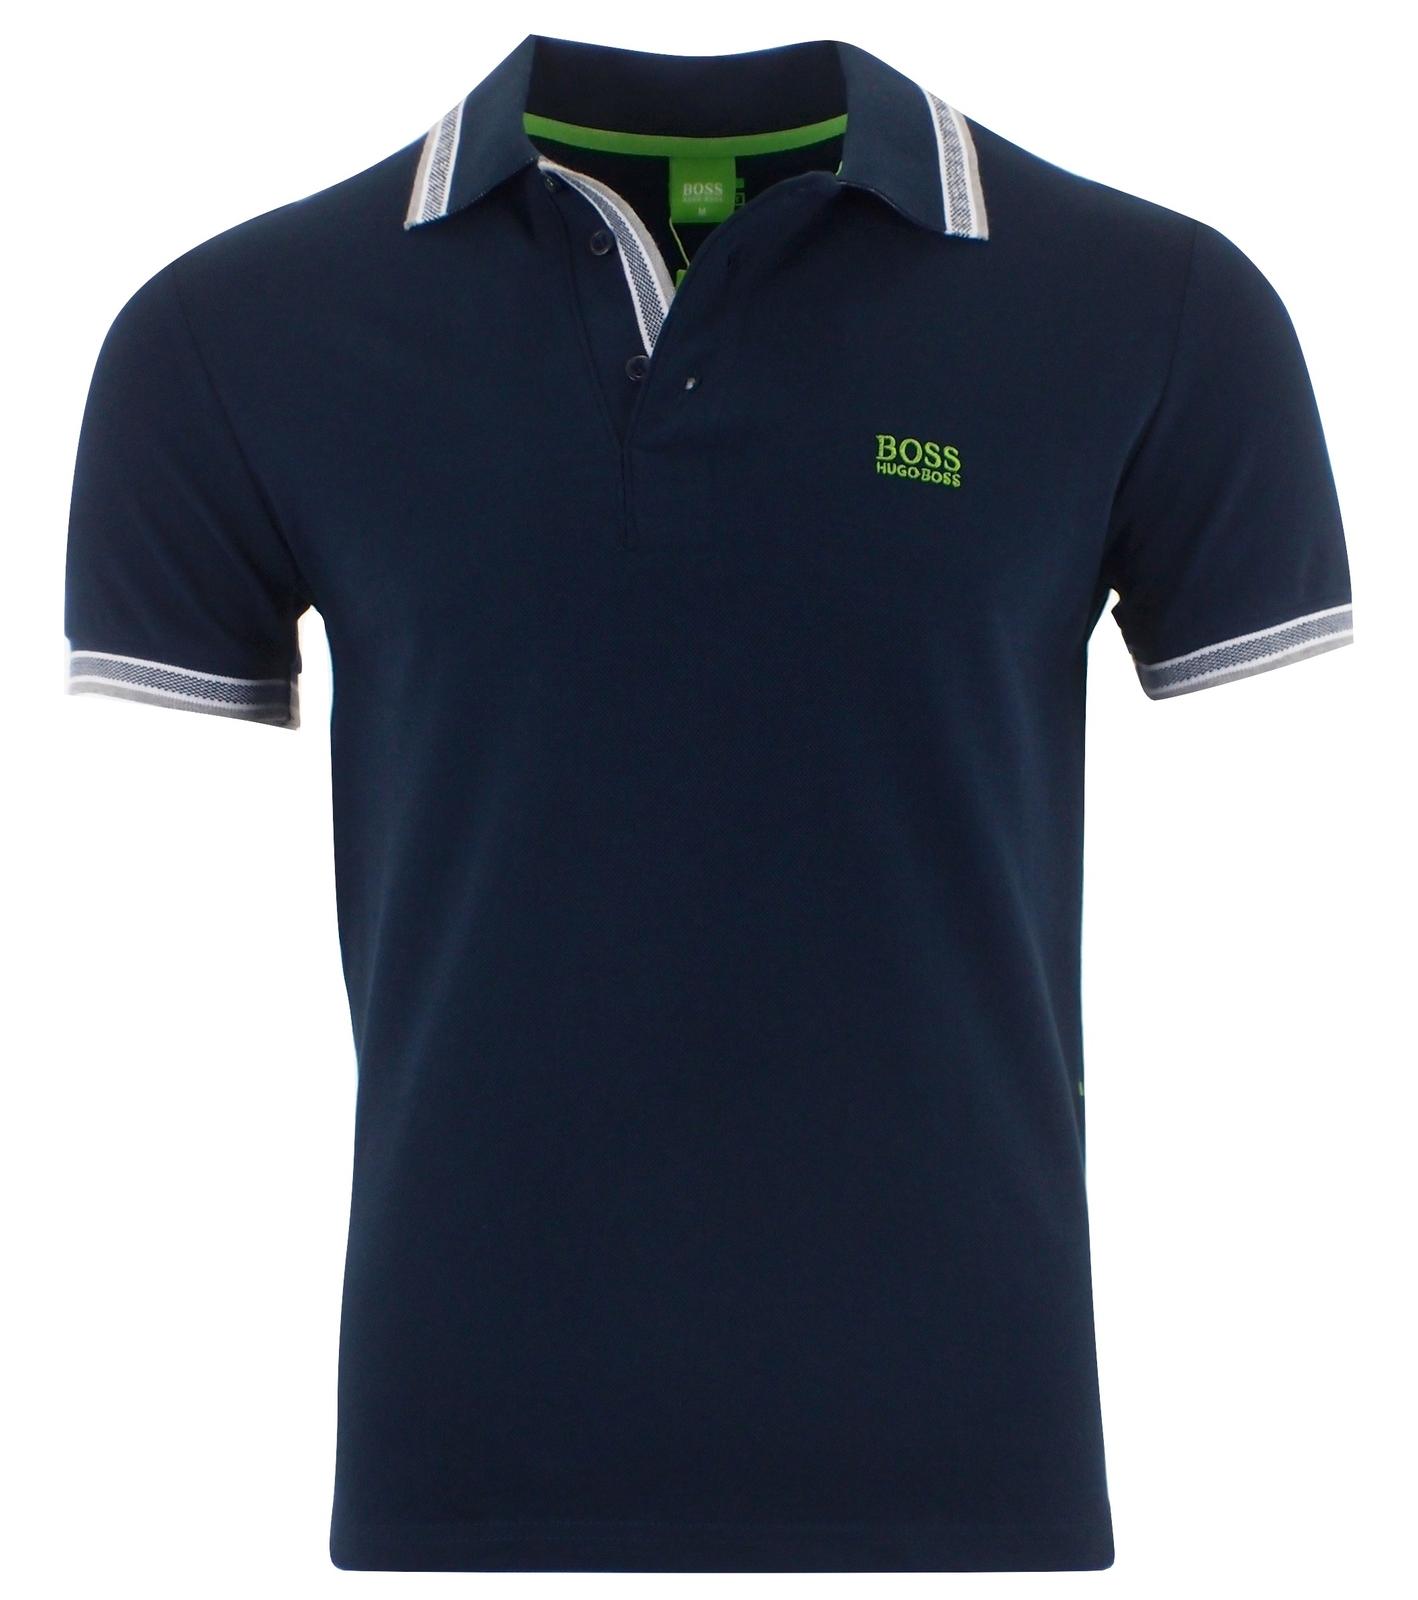 Hugo Boss Men's Short Sleeve Modern Fit Cotton Polo Shirt DARK BLUE S M L XL XXL for sale  USA